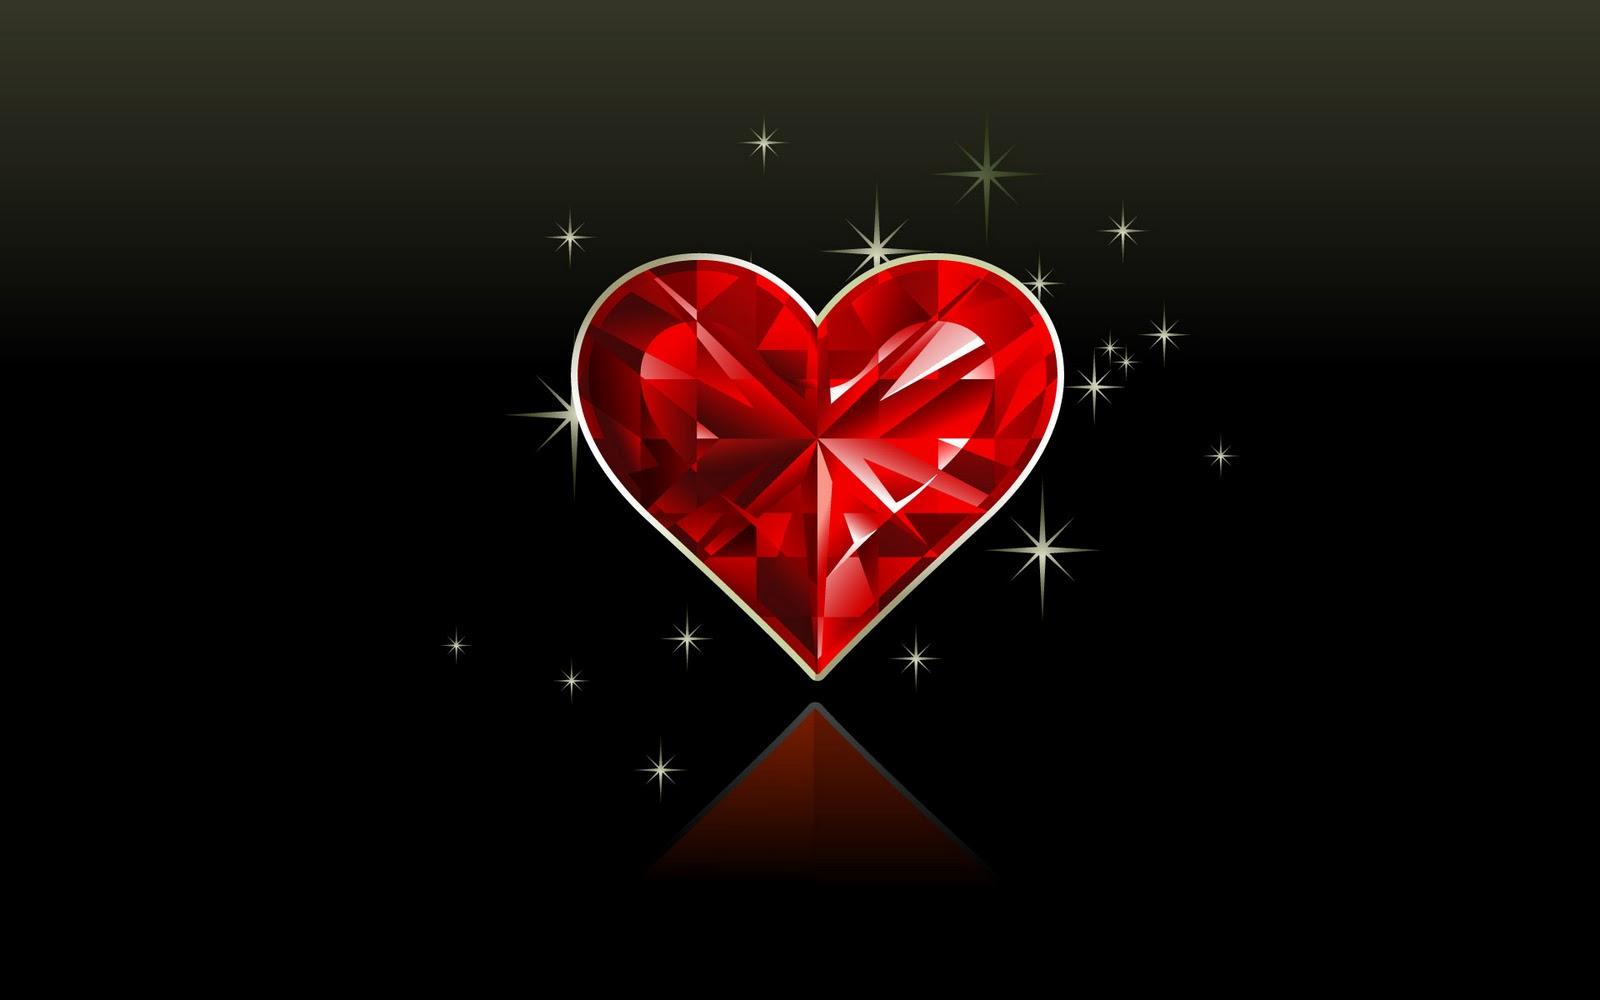 http://2.bp.blogspot.com/-EbDrGR0B6RQ/TxQCP1e0plI/AAAAAAAAACI/zU5tIbGmJ7A/s1600/romantik_liebe_wallpaper.jpg